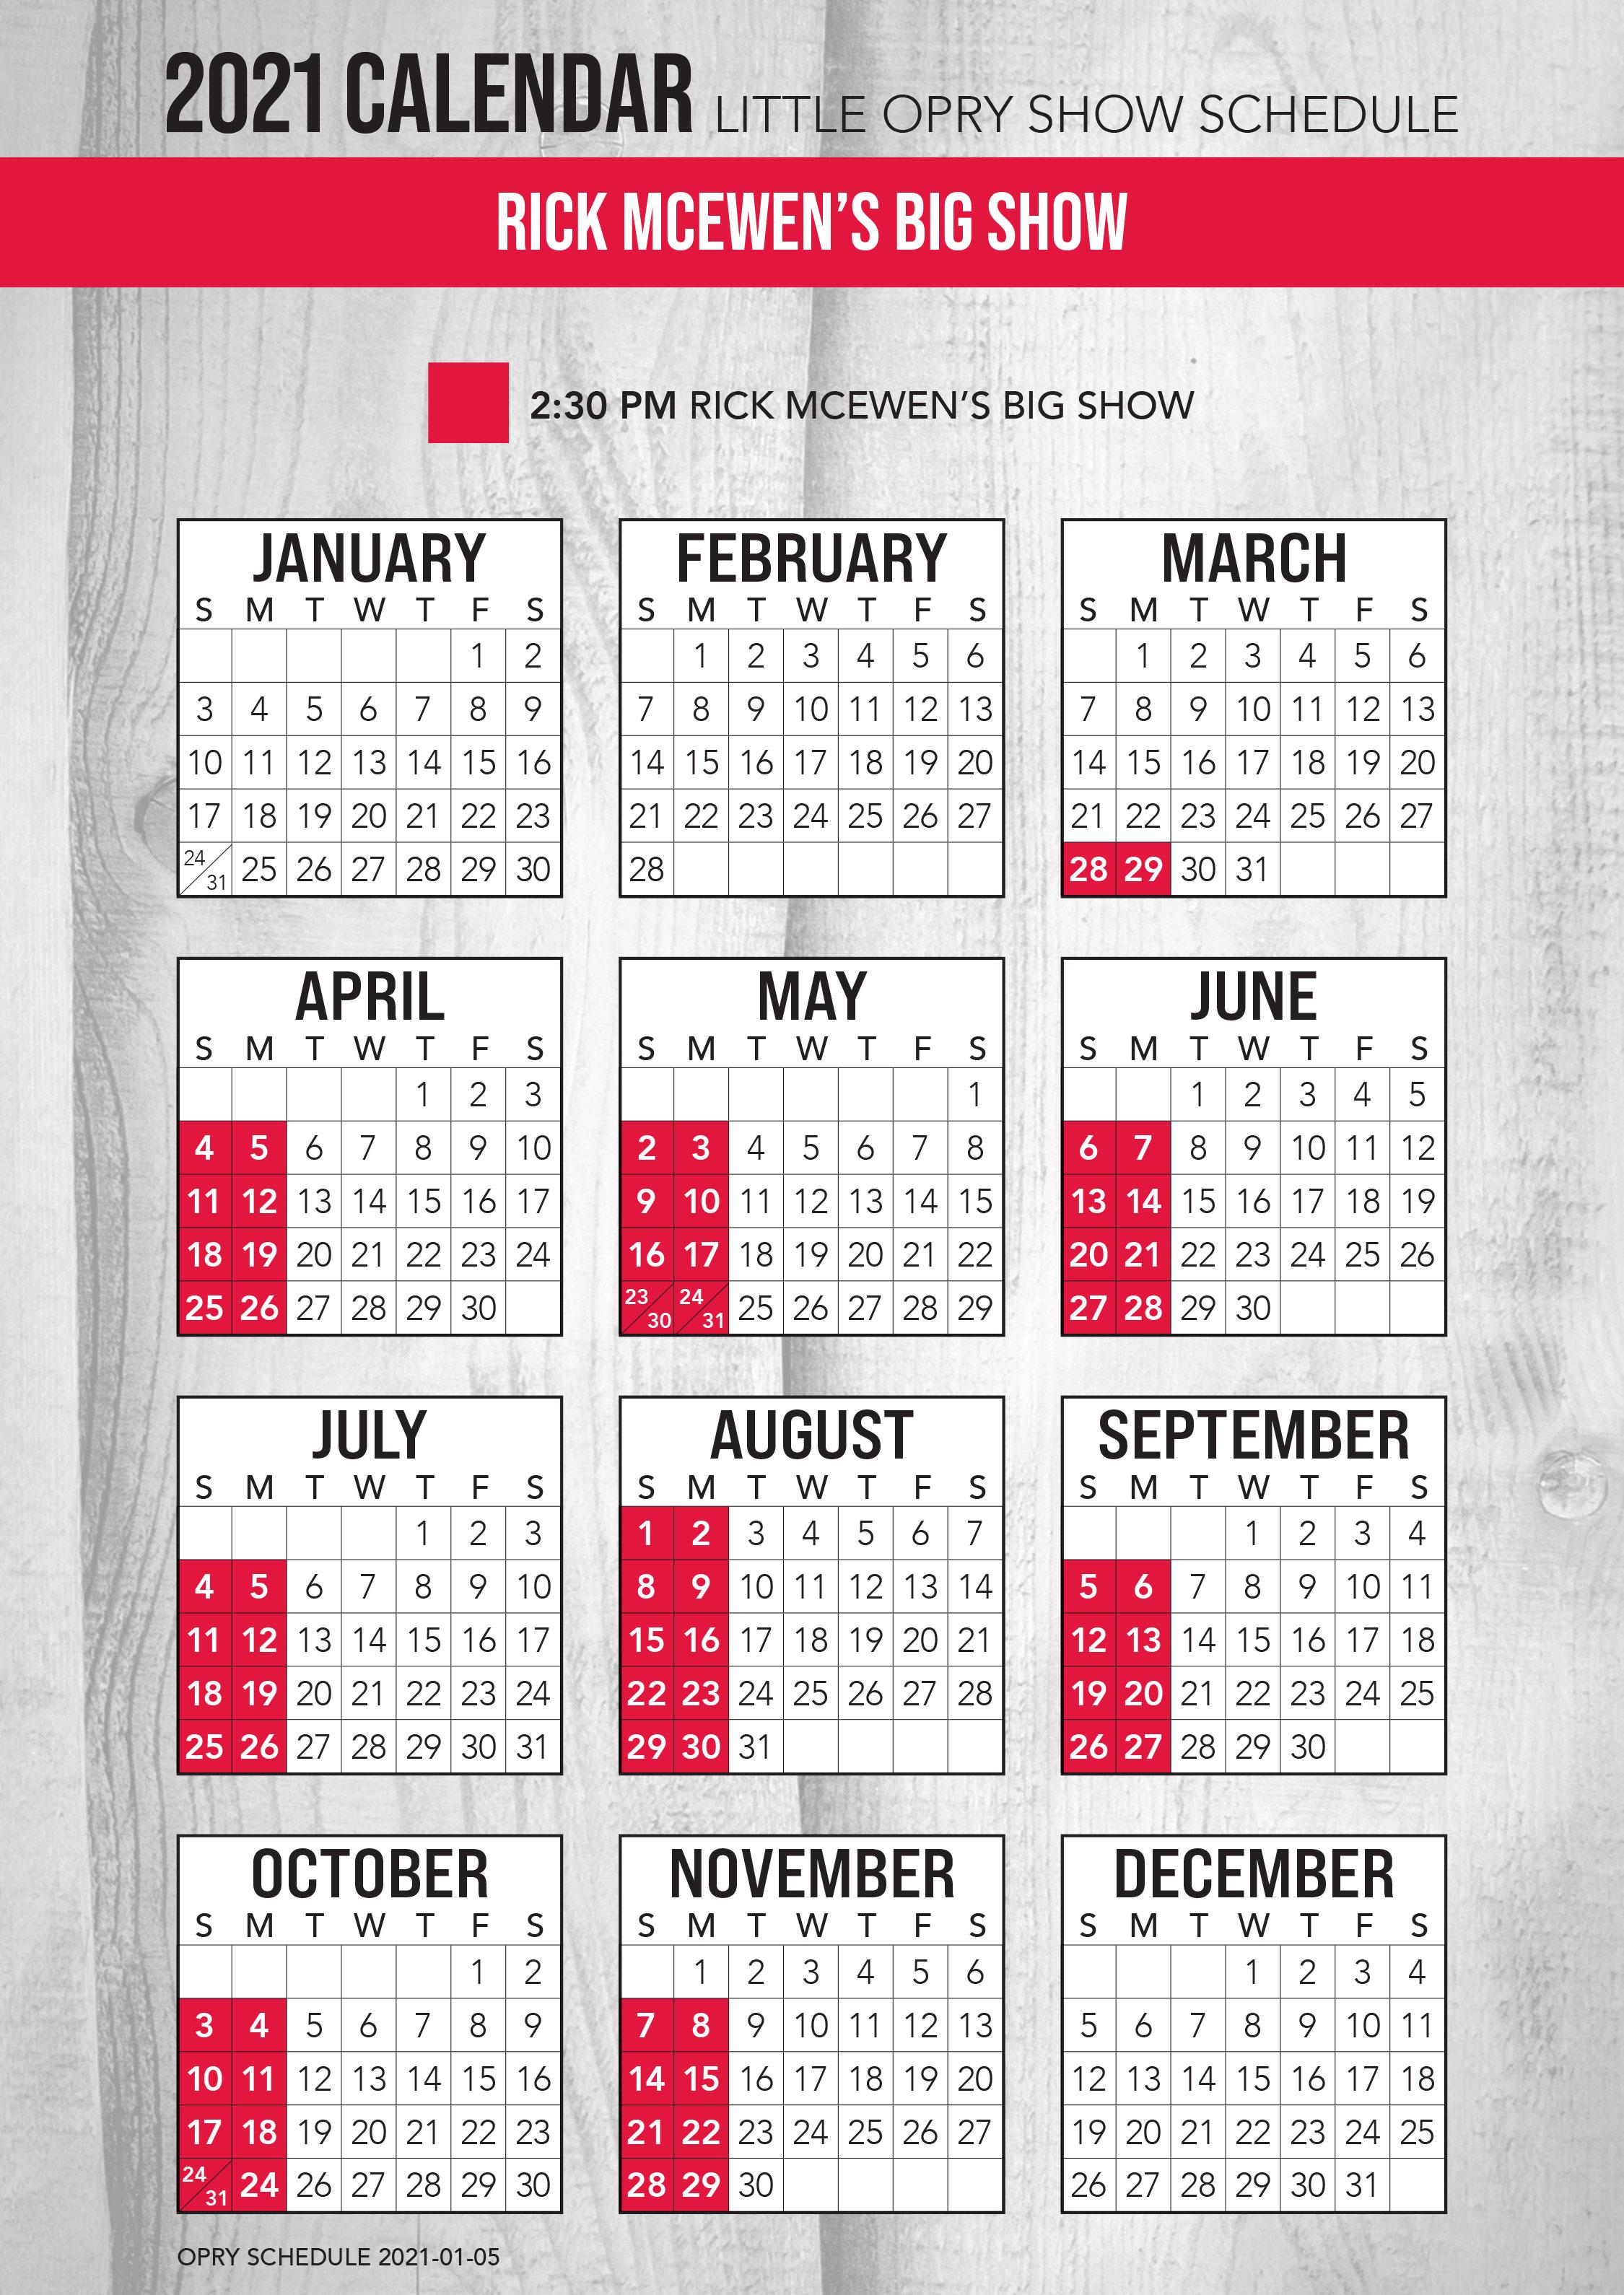 Rick McEwen's Big Show 2021 Schedule